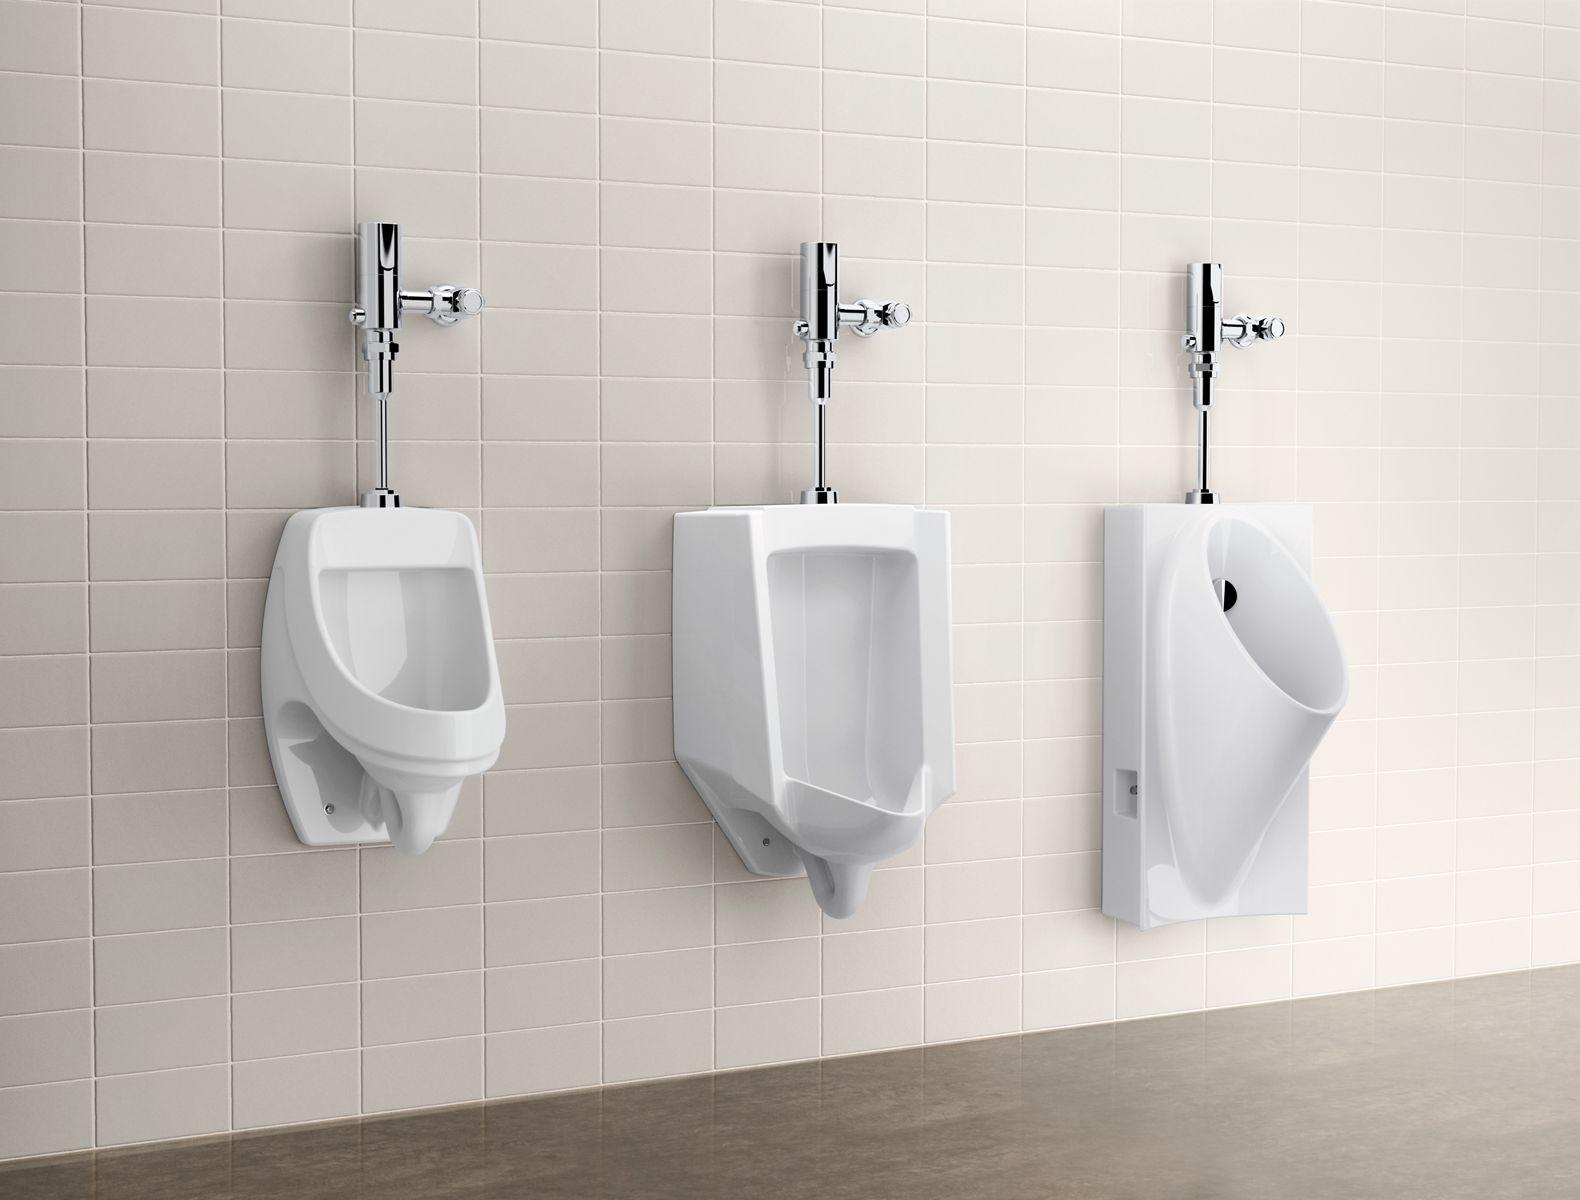 Genial Waterless Urinal